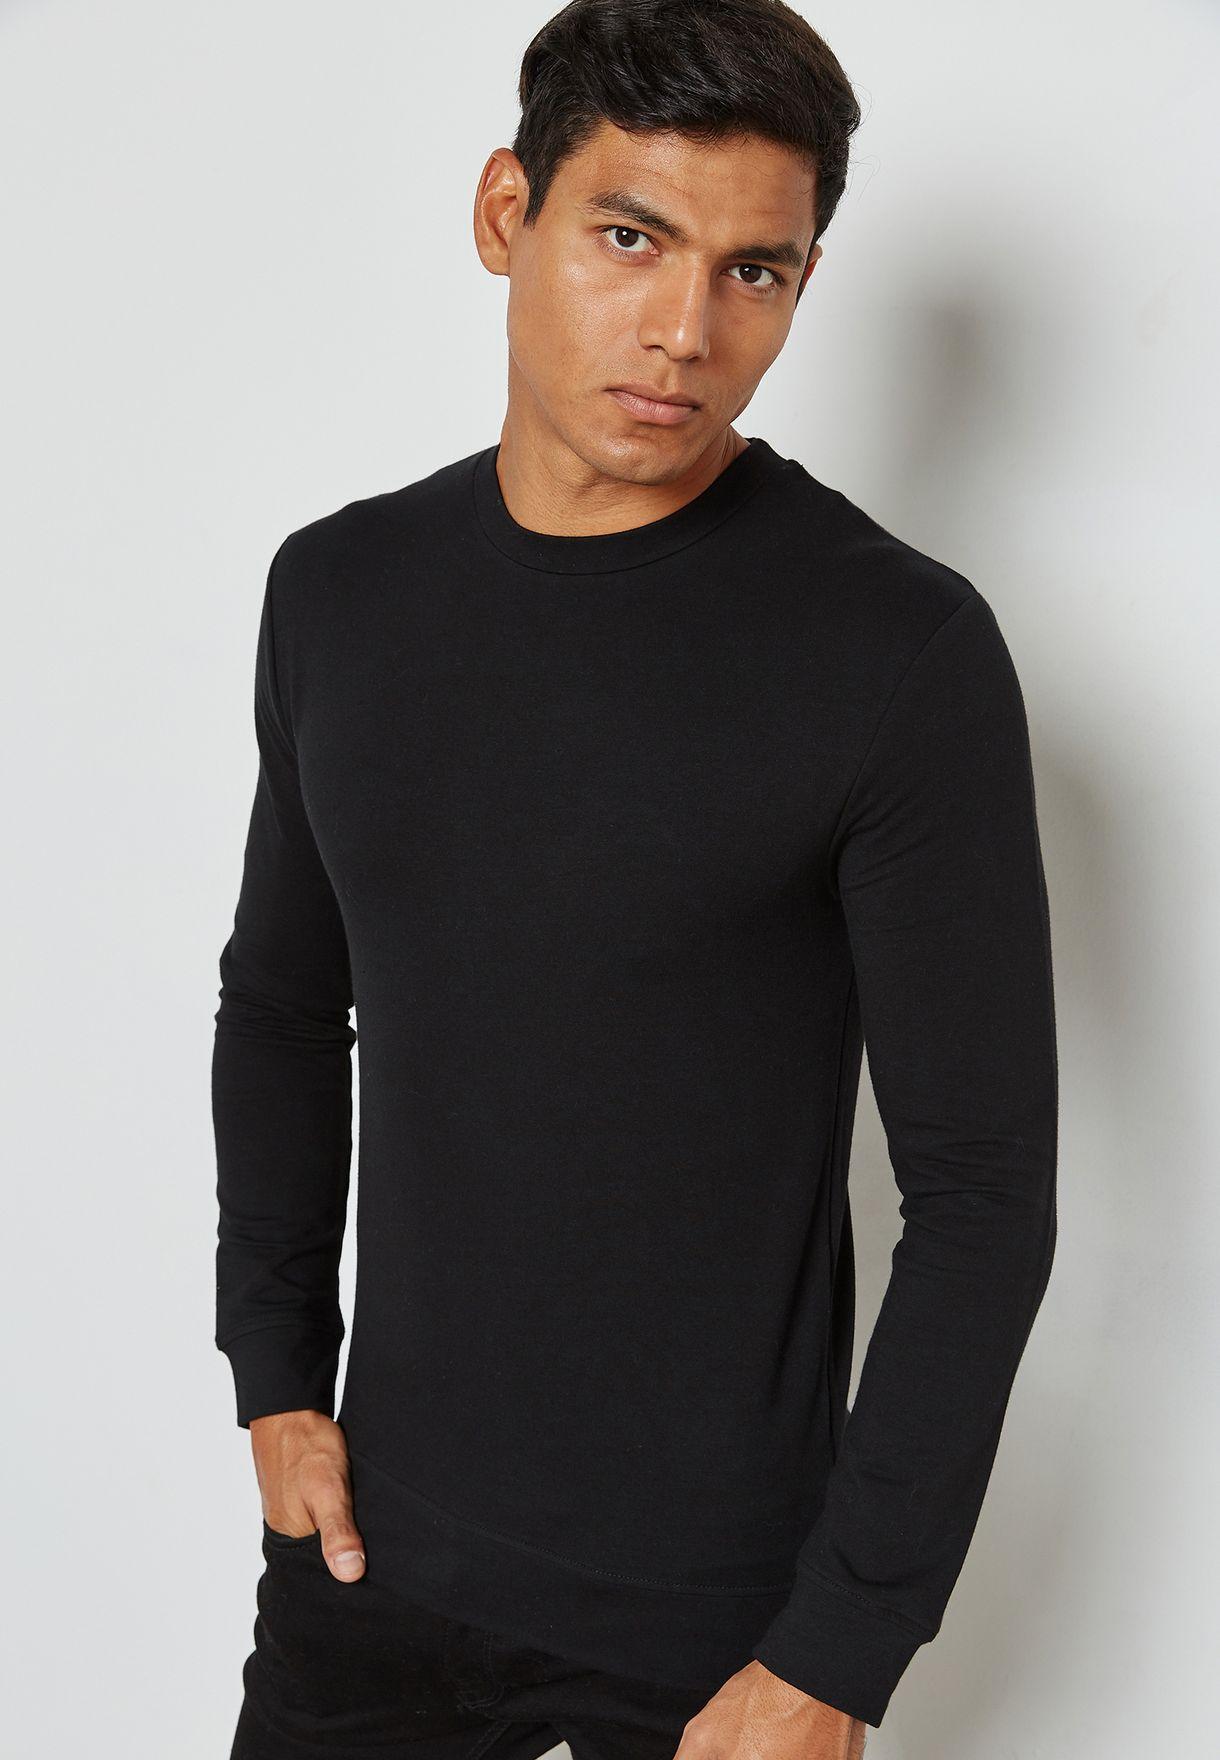 c6ce4397 Shop Topman black Ultra Muscle Fit Sweatshirt 71L10RBLK for Men in ...